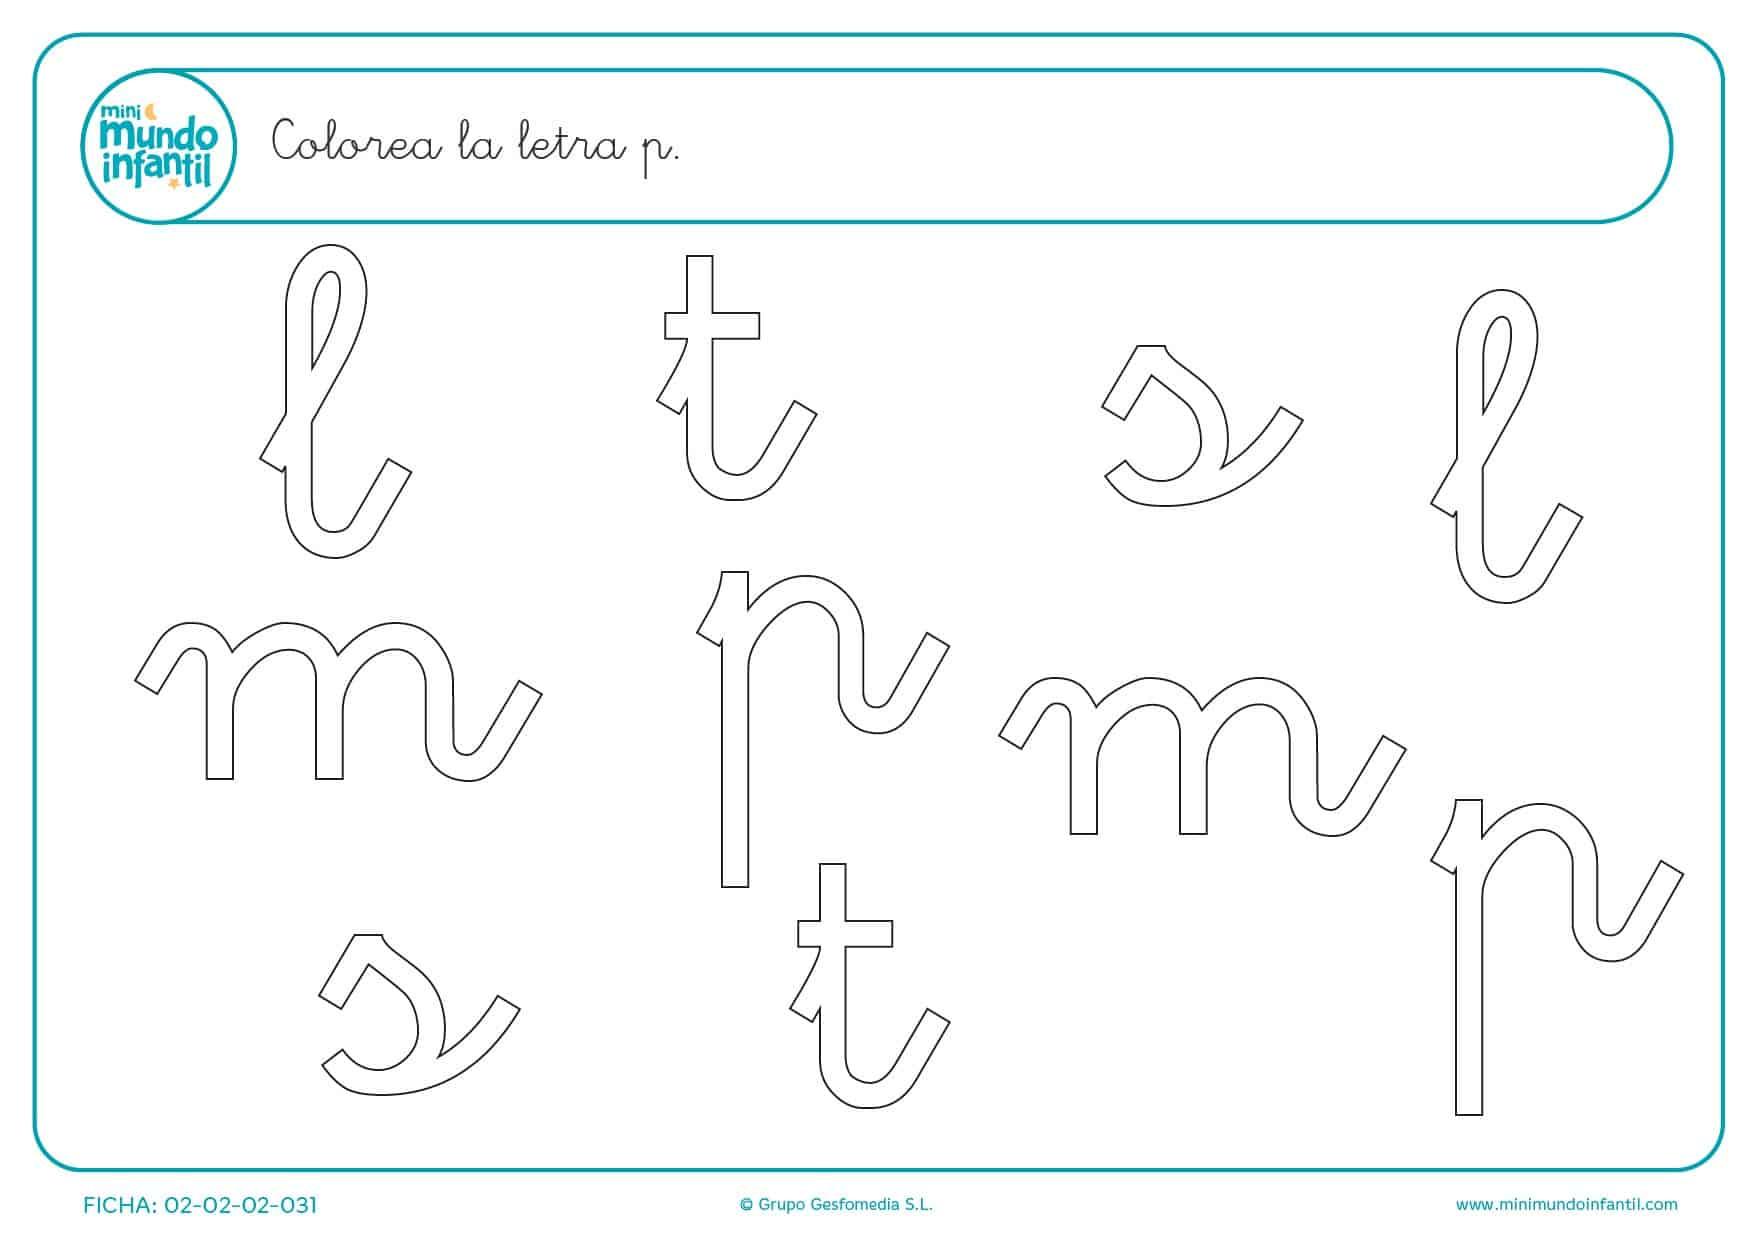 Plantilla para encontrar la consonante p de entre todas las letras